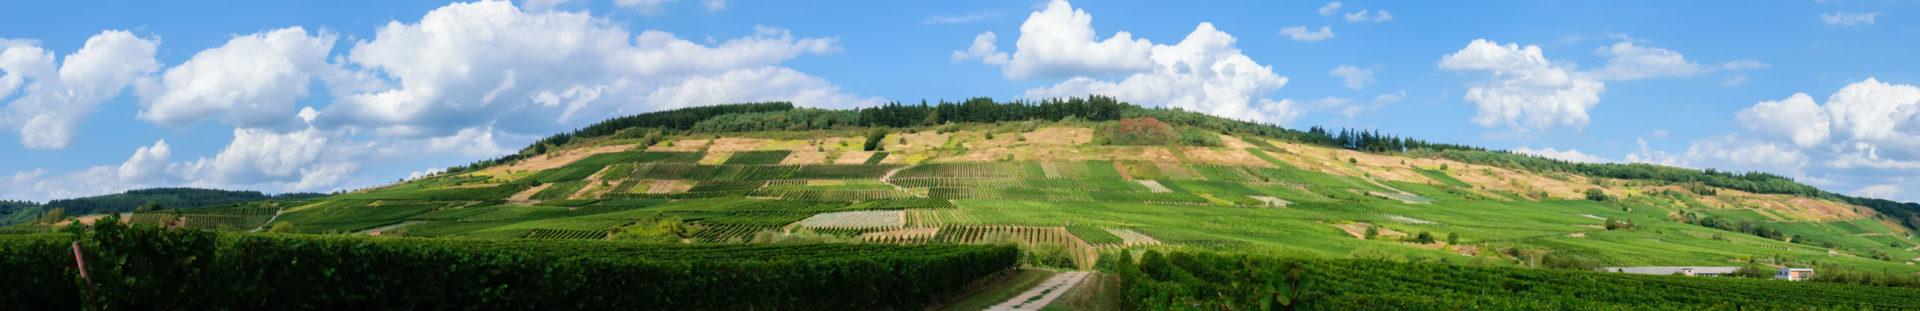 Vorne ist der flache Bereich des Weinberges Mehringer Goldkupp. Dahinter erkennt man den steilen Weinberg. Der Himmel über dem Weinberg ist blau und bewölkt.